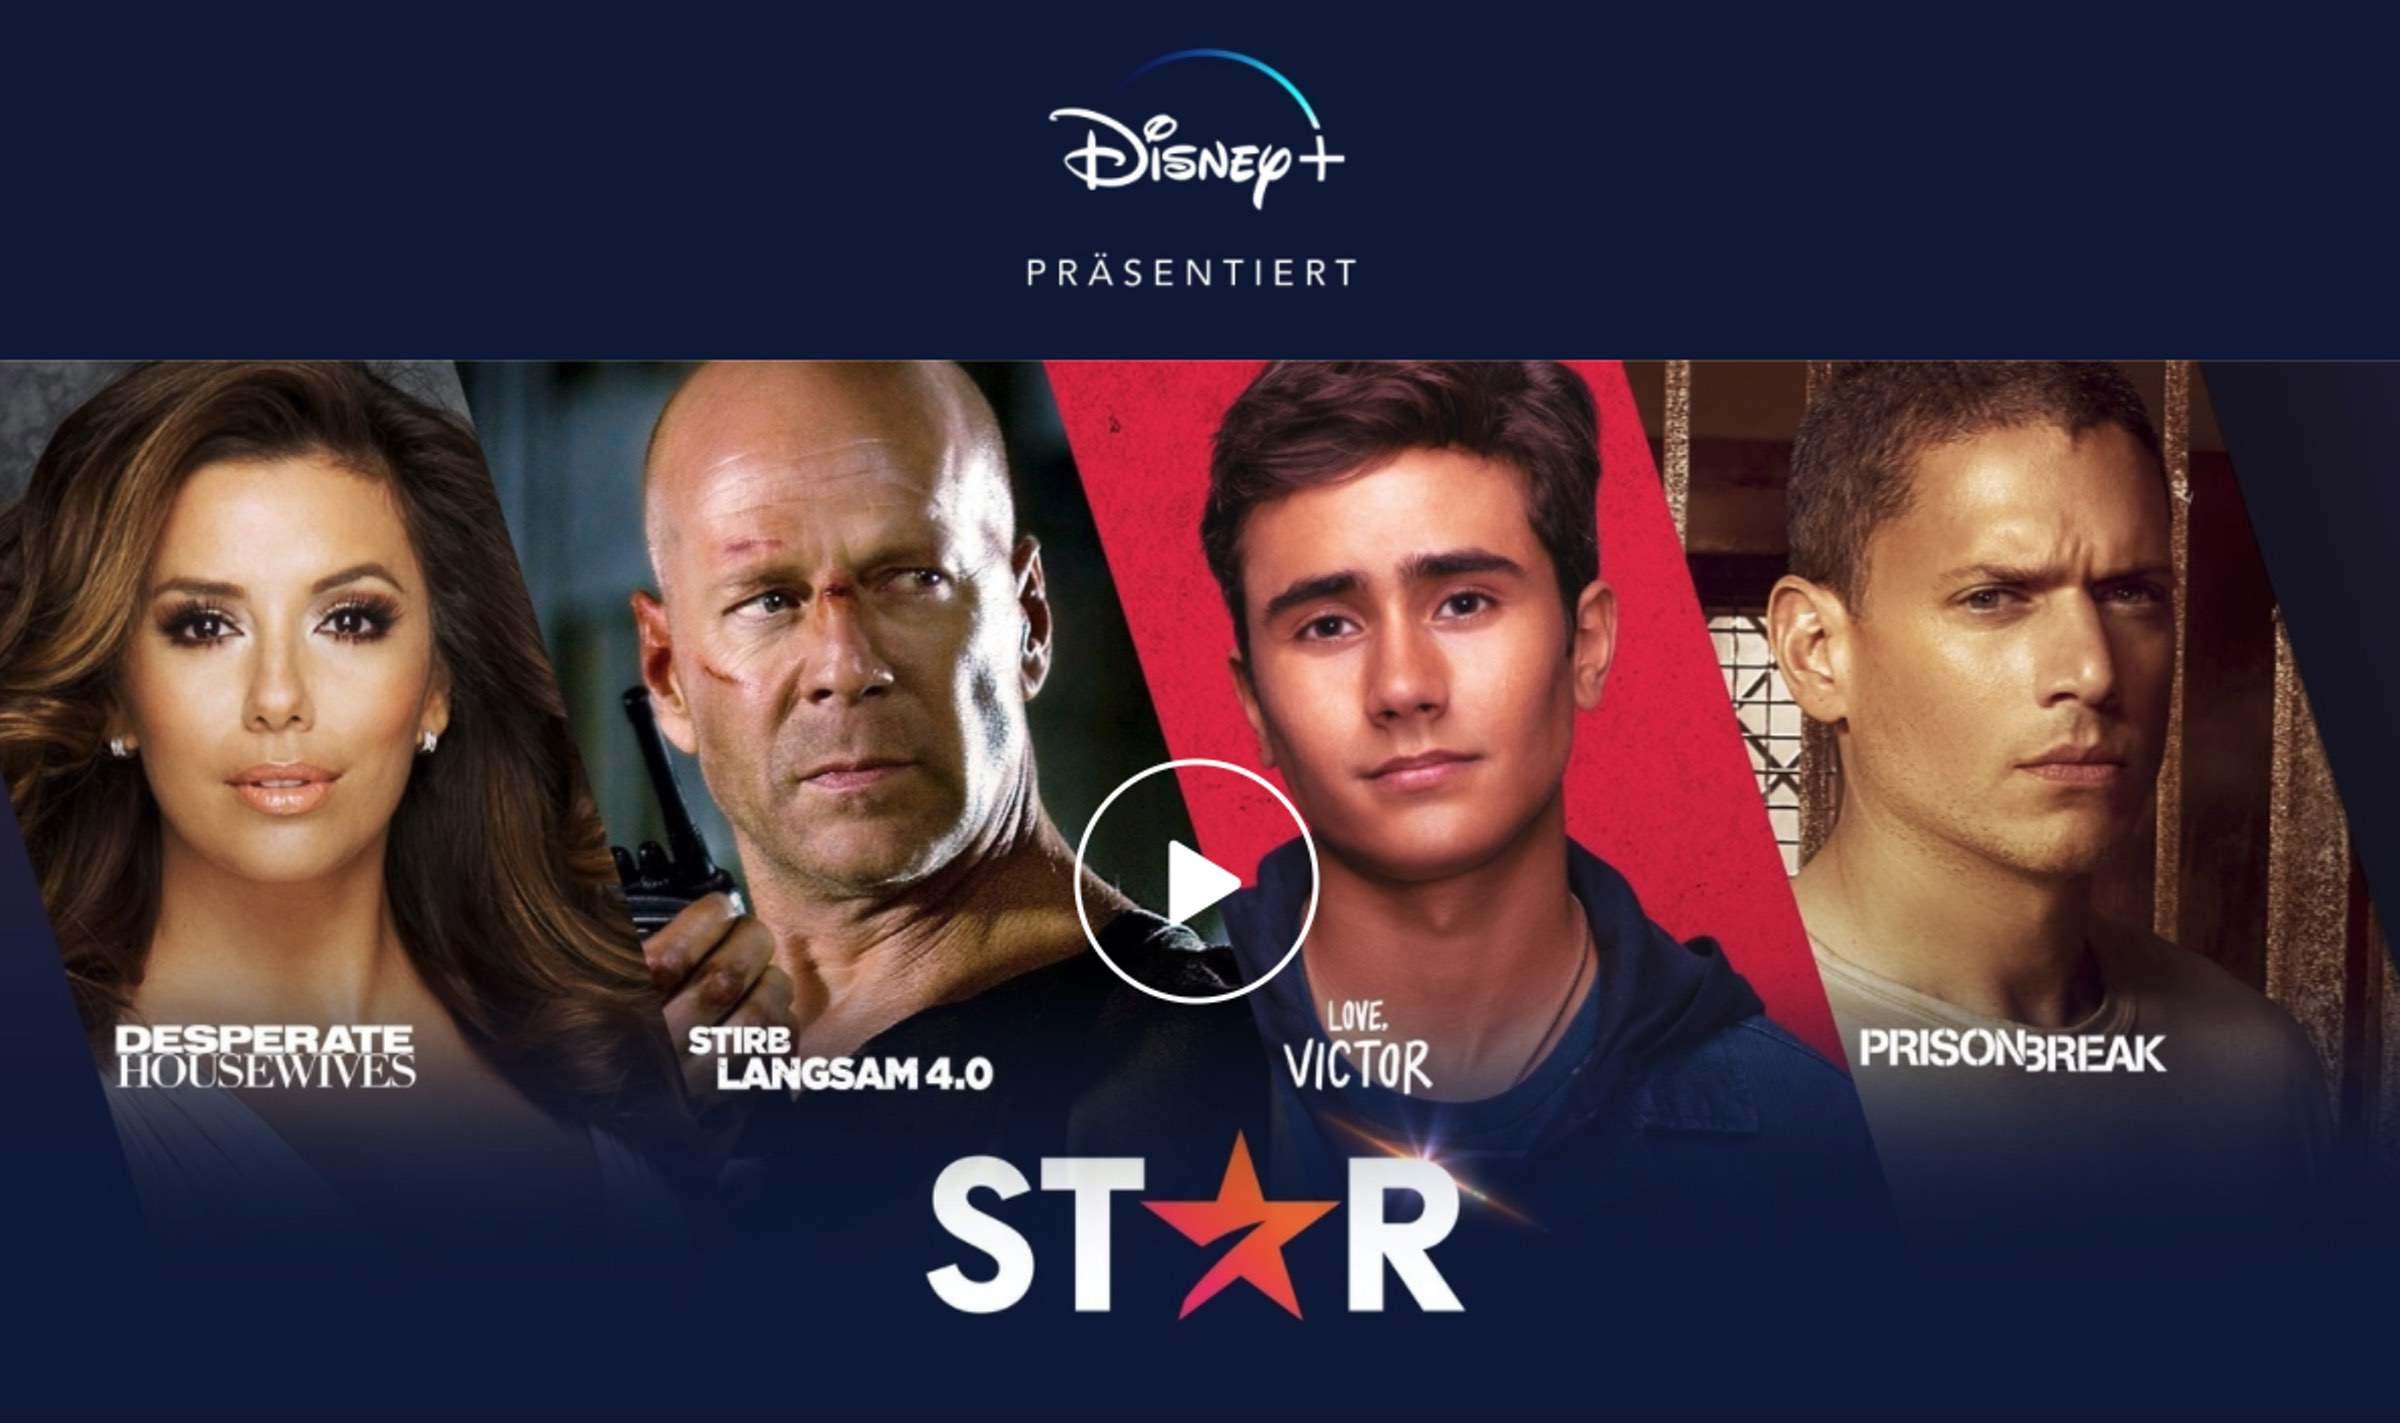 Mit Star rollt Disney+ das Streaming Angebot in der Schweiz neu auf